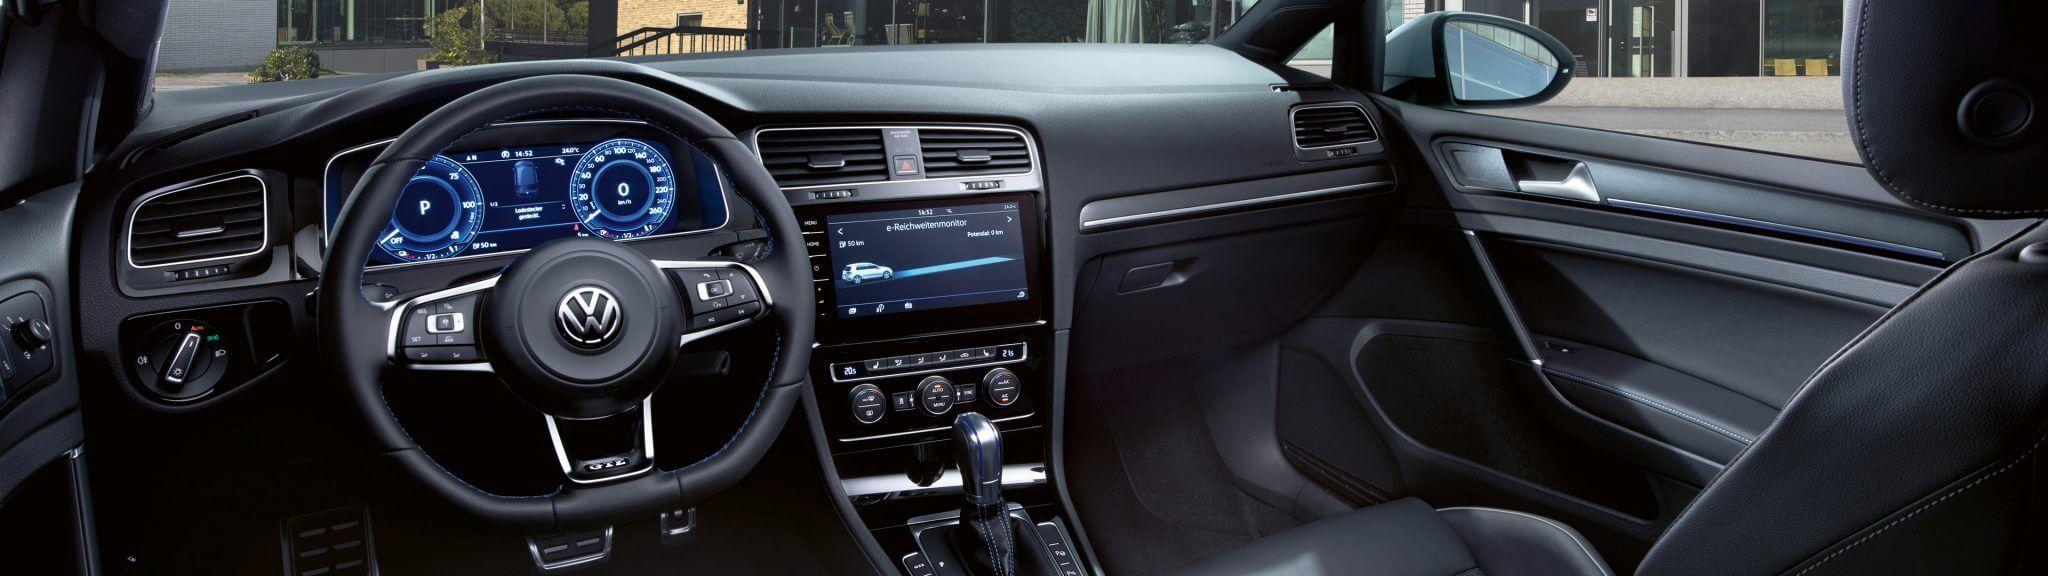 VW Golf GTE Innenraum-Interieur Bildquelle: Volkswagen.de